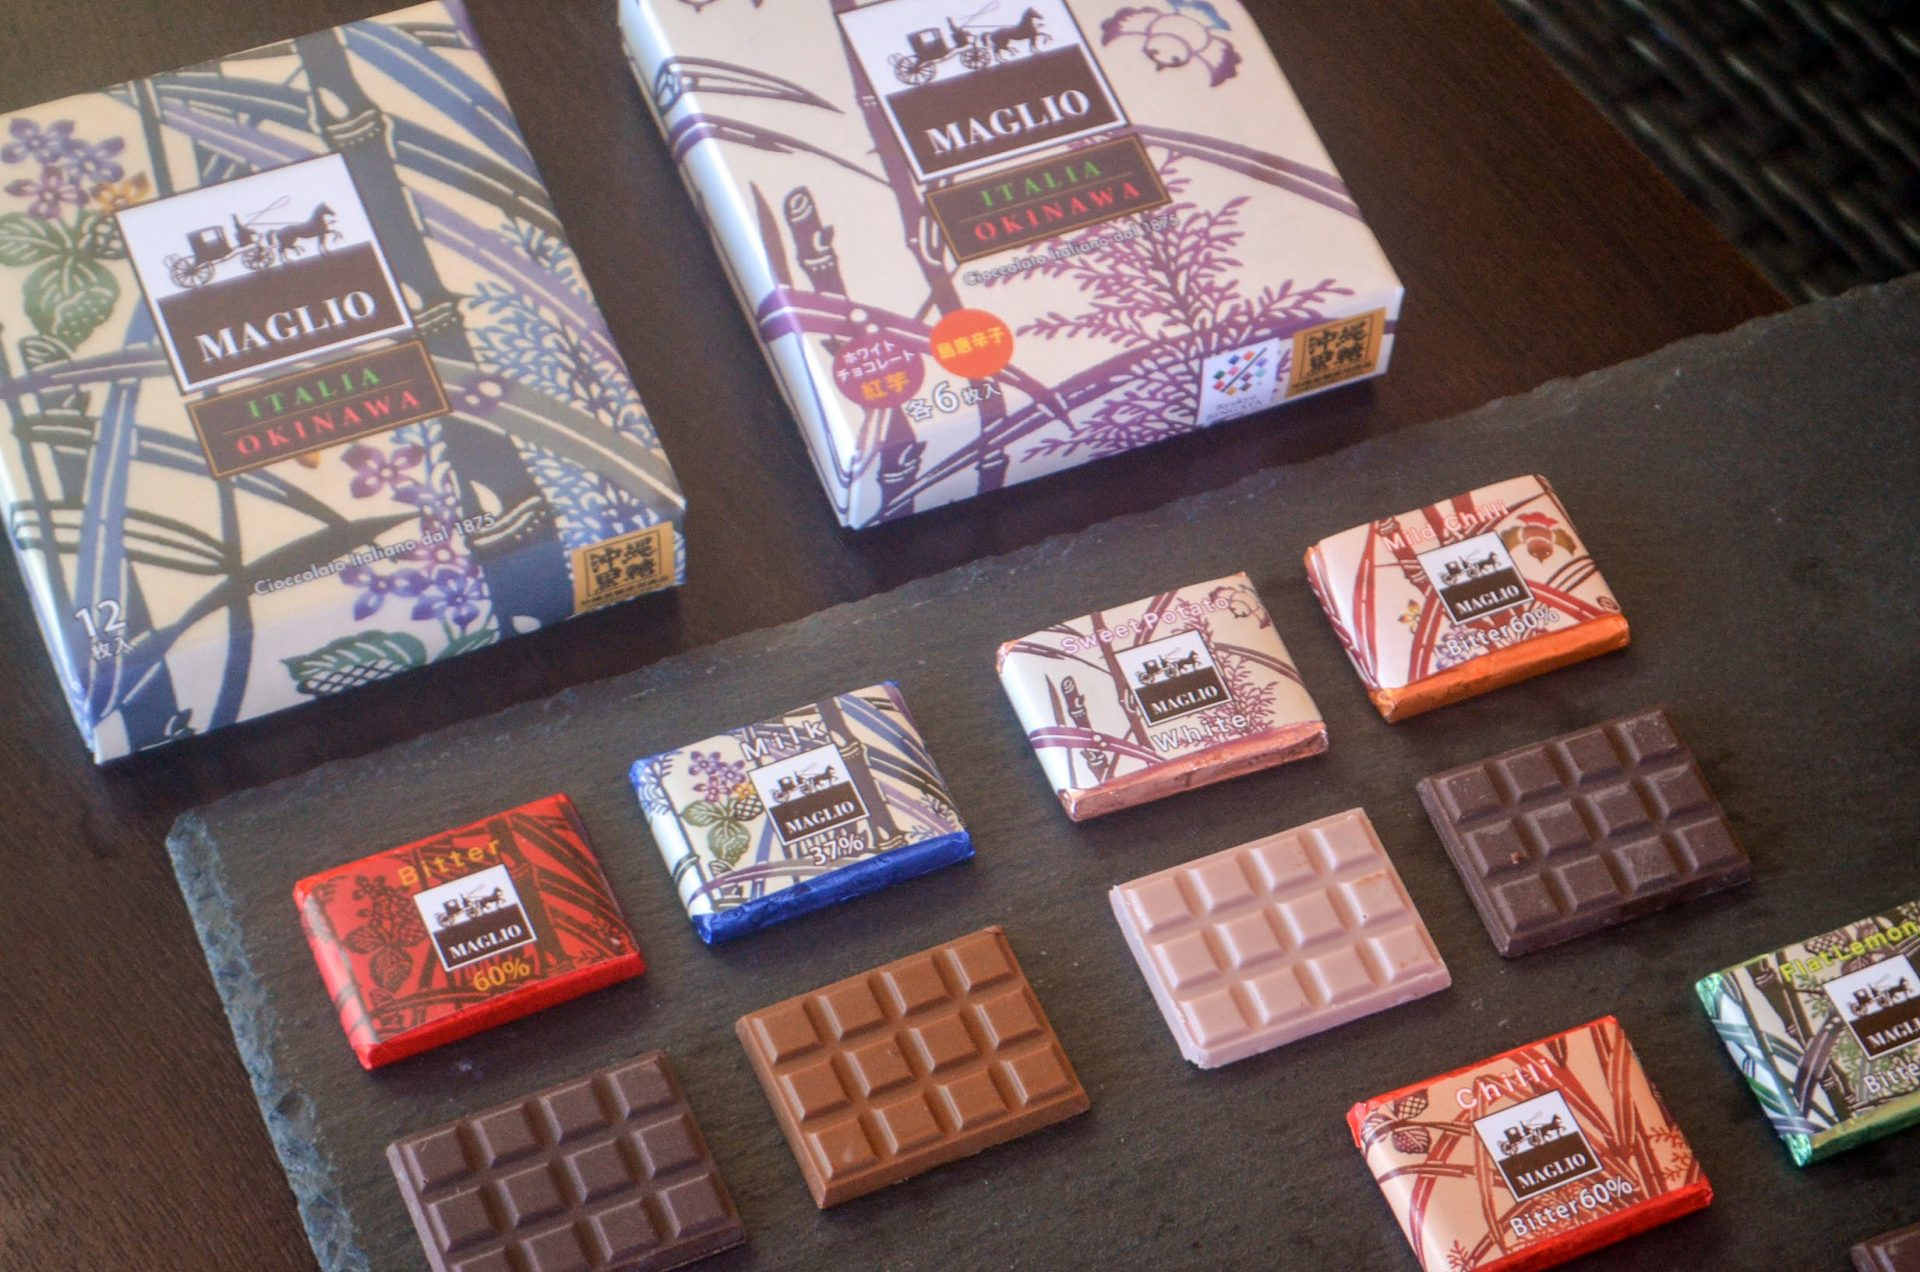 沖縄 お土産 お菓子 アイラーティ マーリオOKINAWAチョコレート 黒糖 紅型